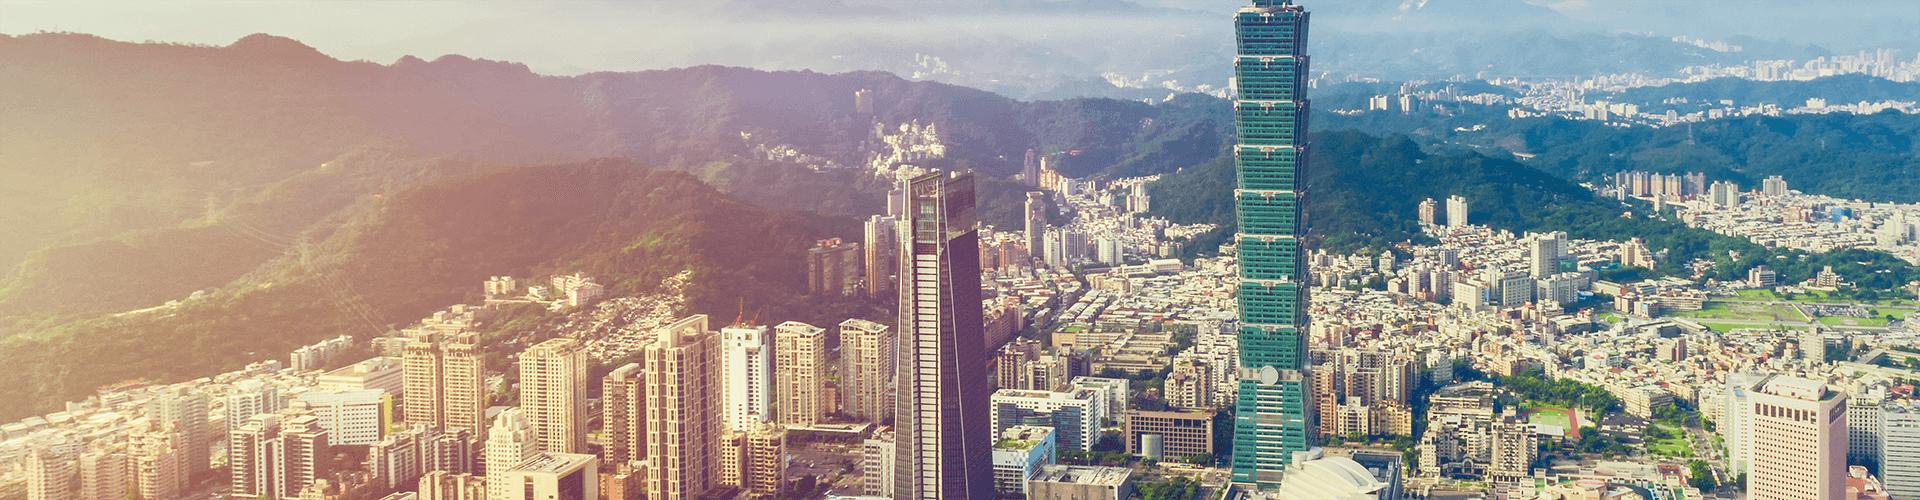 Taipei Taoyuan International